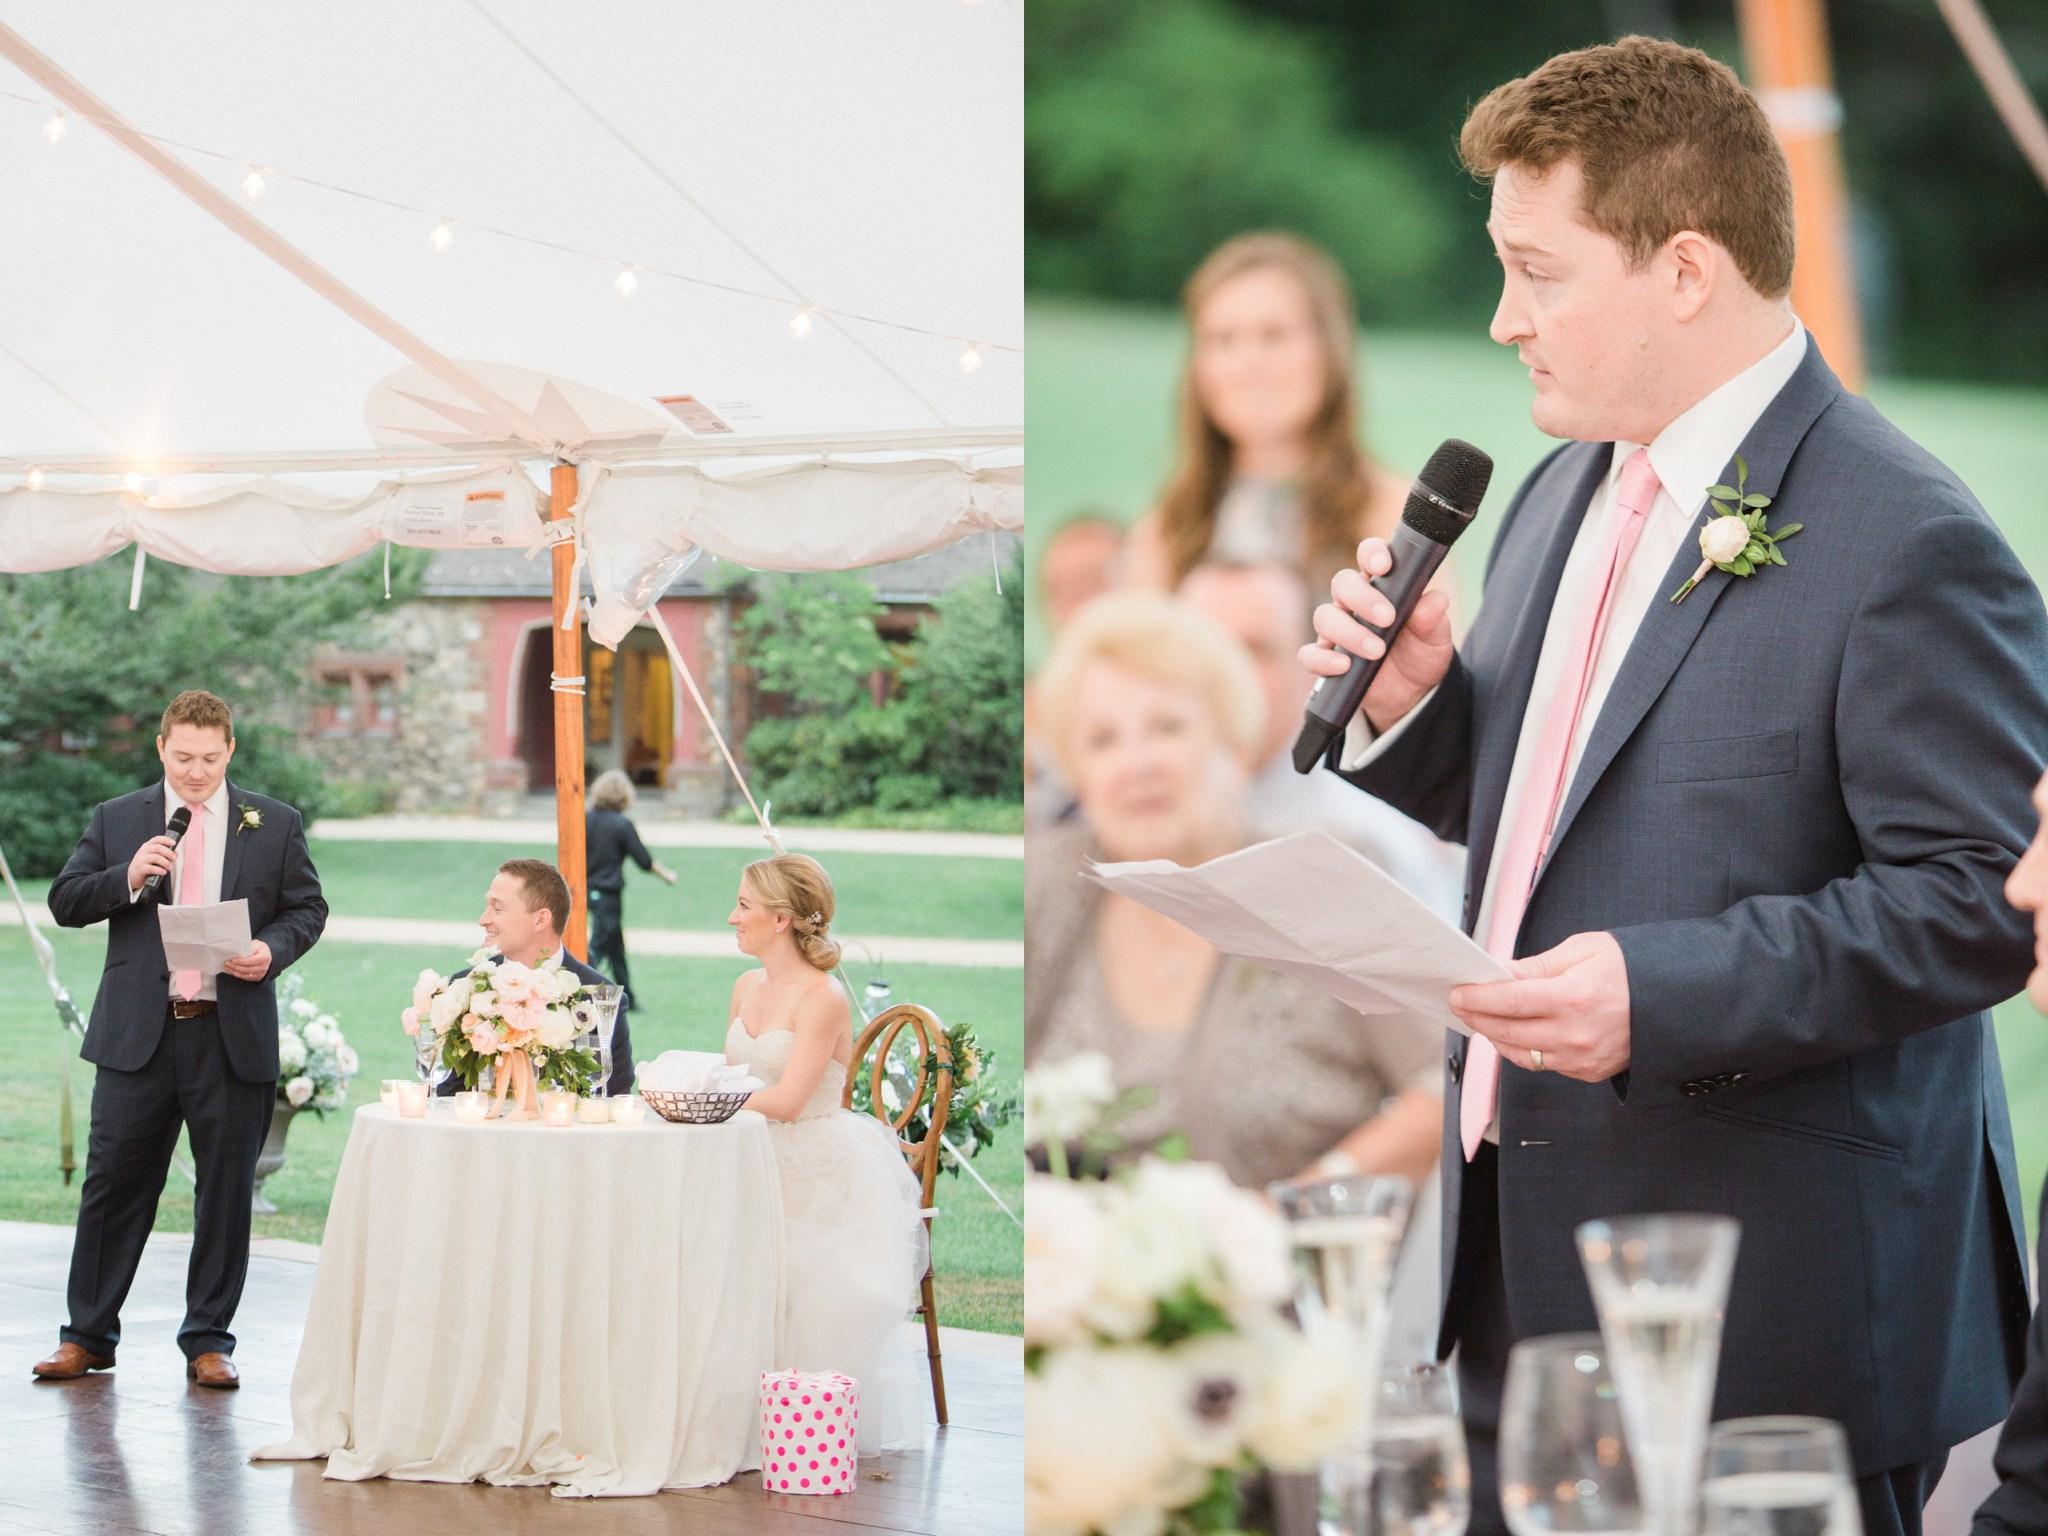 moraine_farm_wedding_deborah_zoe_0074.JPG